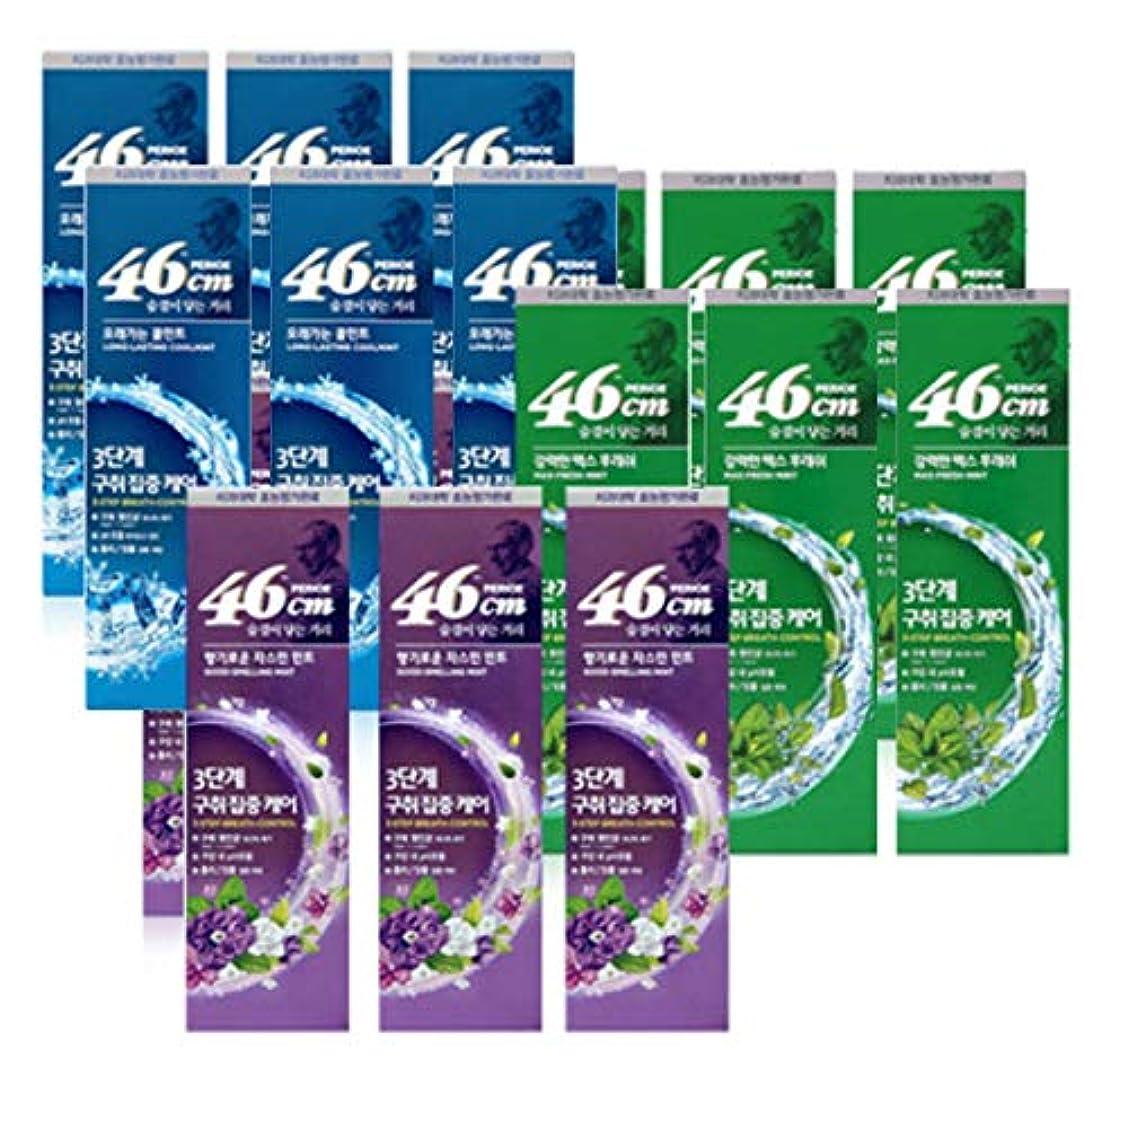 配管訪問むしゃむしゃ[LG HnB] Perio 46cm toothpaste / ペリオ46cm歯磨き粉 100gx18個(海外直送品)